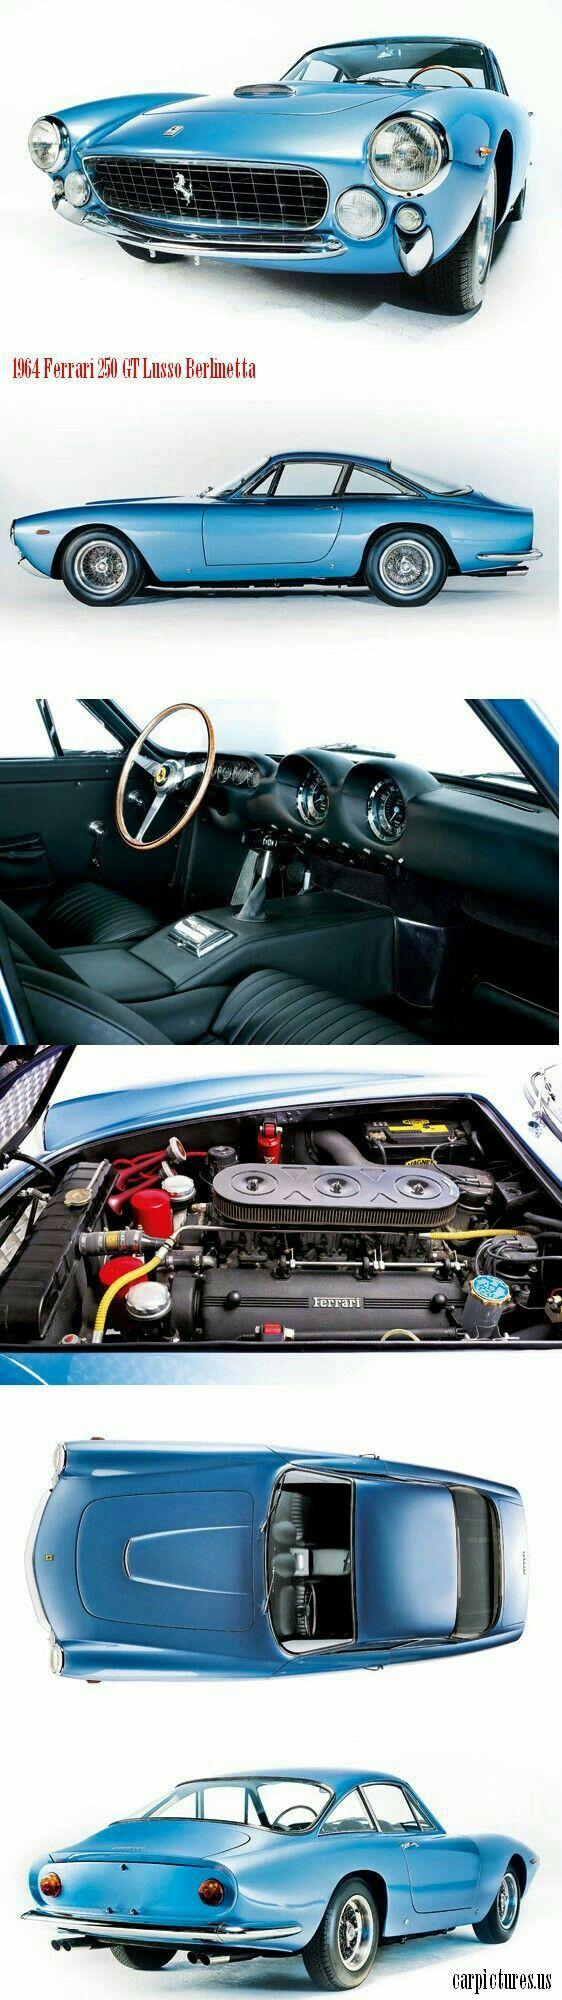 1964 Ferrari 250 GTO lusso Auta, Veteráni, Stáří